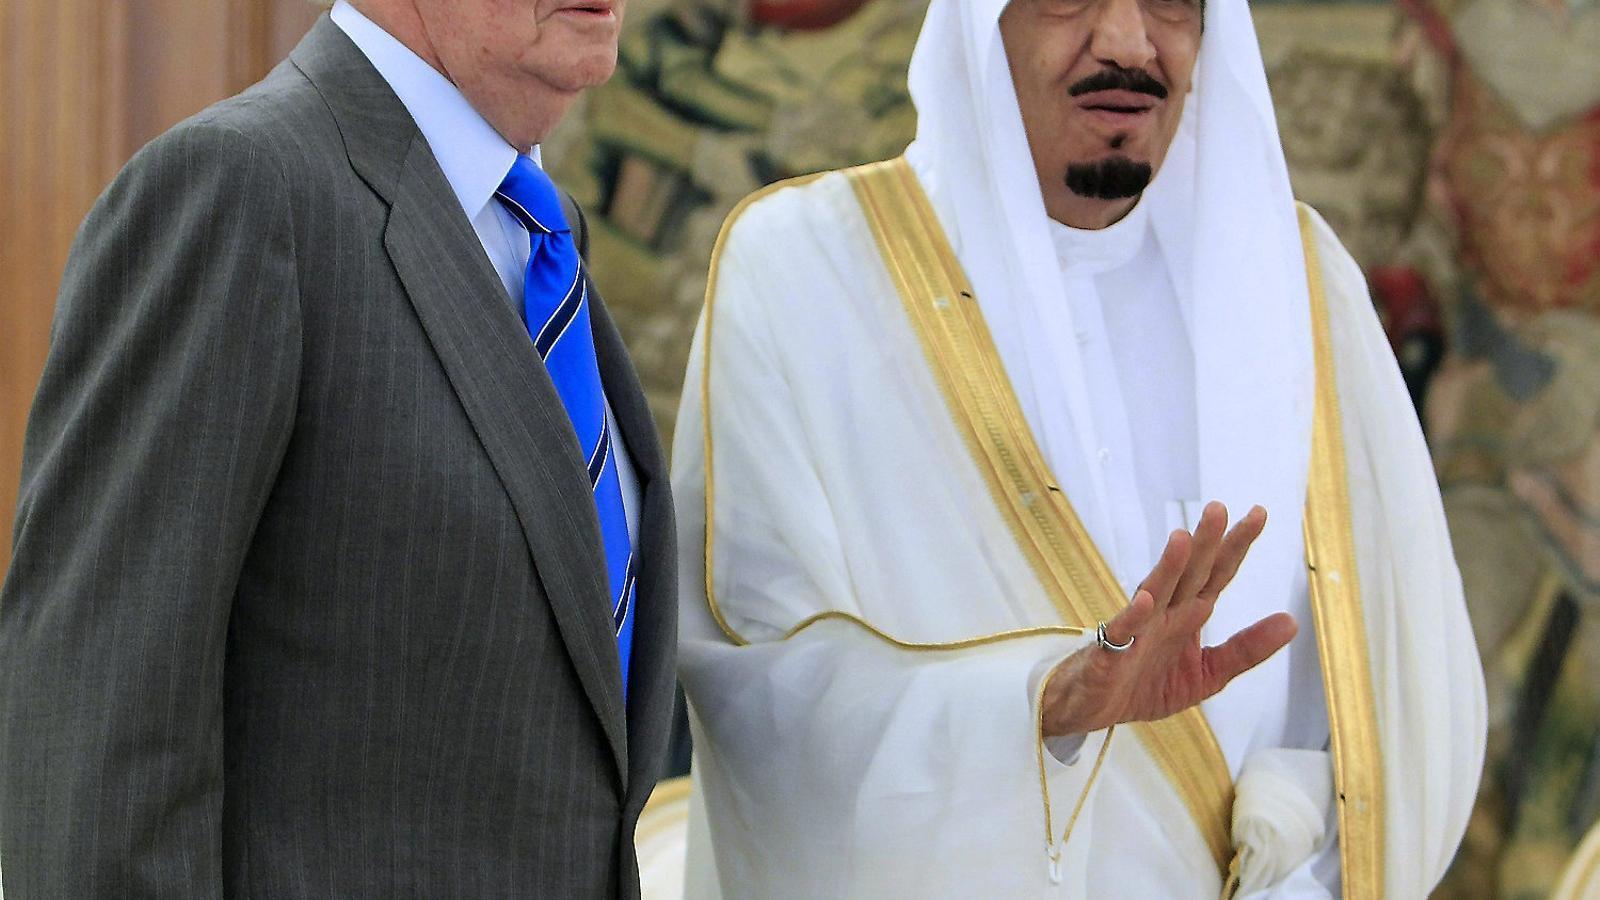 Joan Carles I el 2012 amb l'actual rei de l'Aràbia Saudita, el llavors príncep i ministre de Defensa Salman bin Abdulaziz.